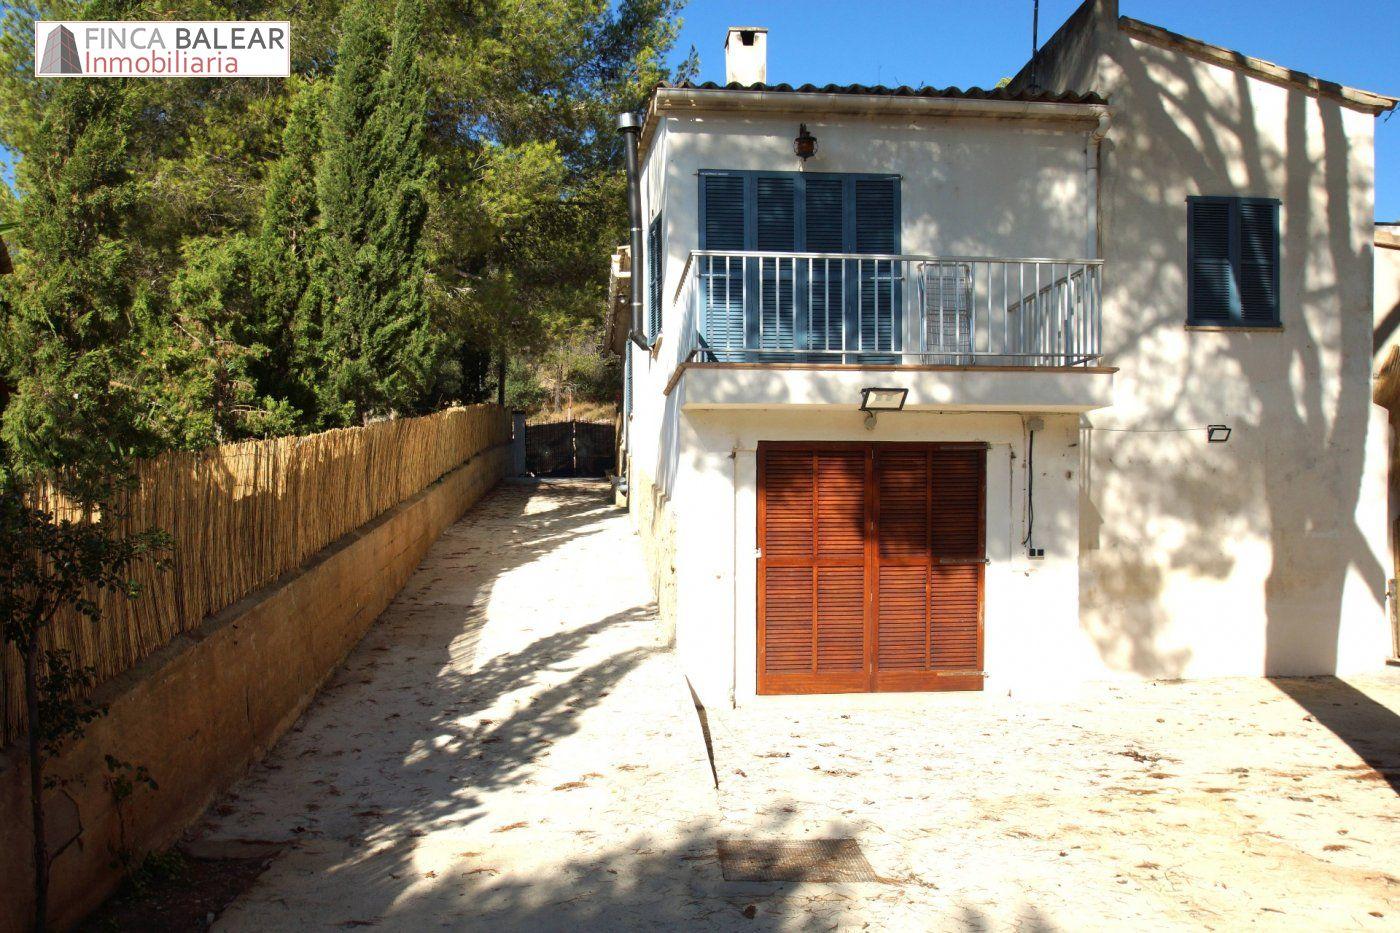 Apartamento, Santa Ponsa, Alquiler/Asignación - Baleares (Baleares)